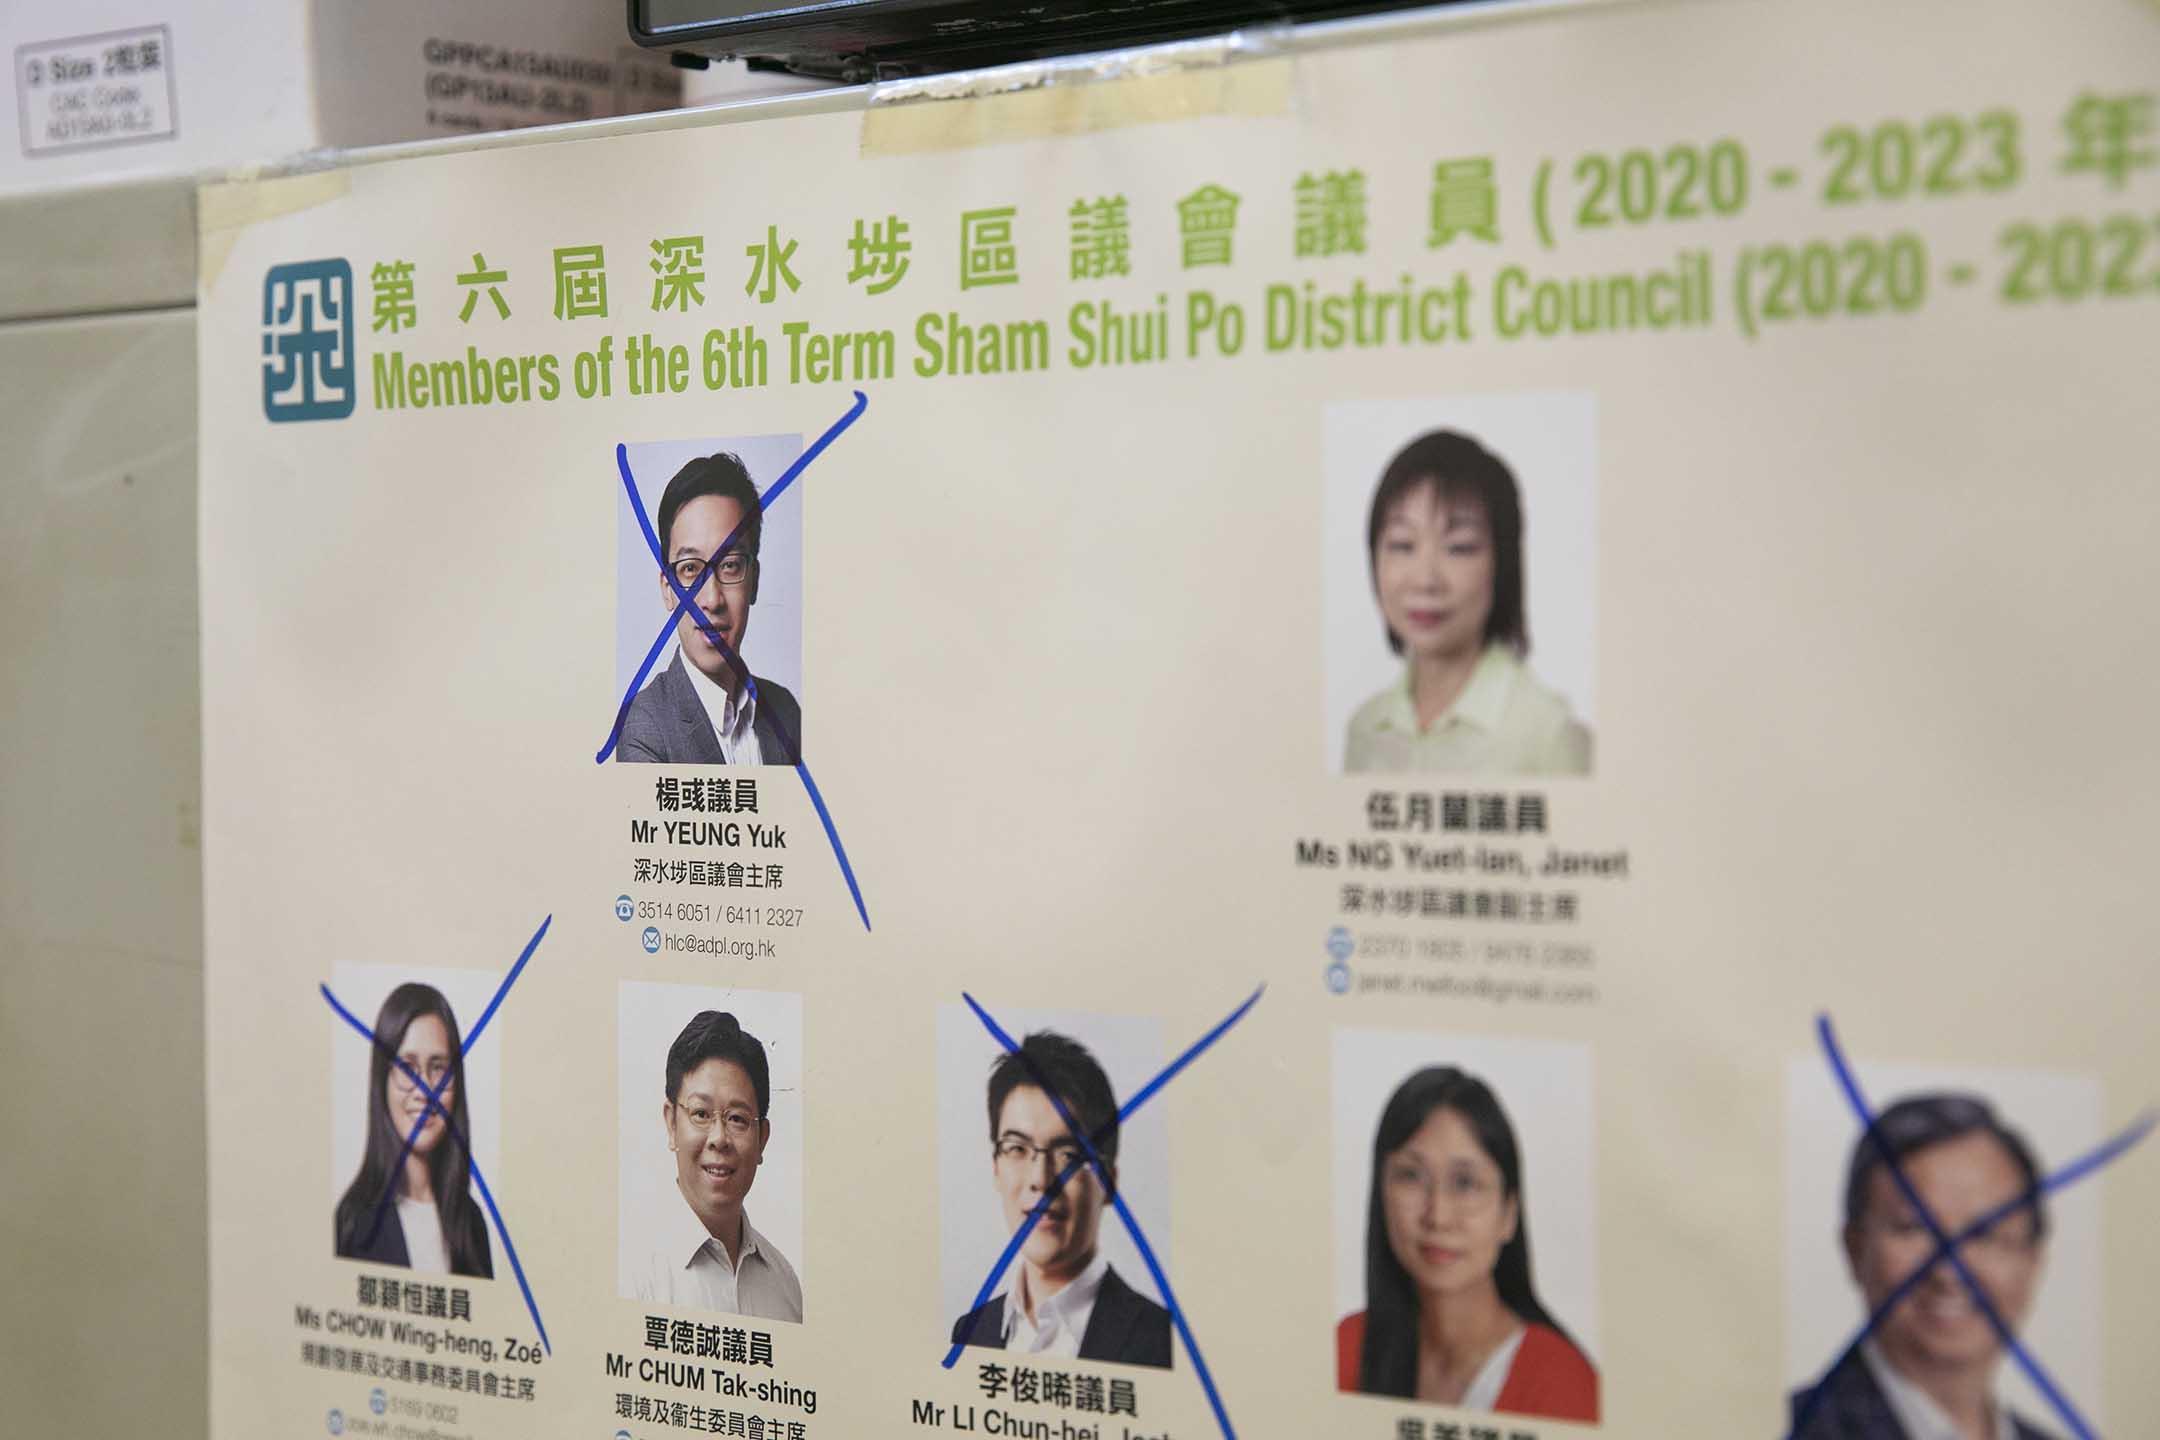 2021年7月15日,已辭職的深水埗區議會主席楊彧的辦事處,一張被打上交叉的海報。